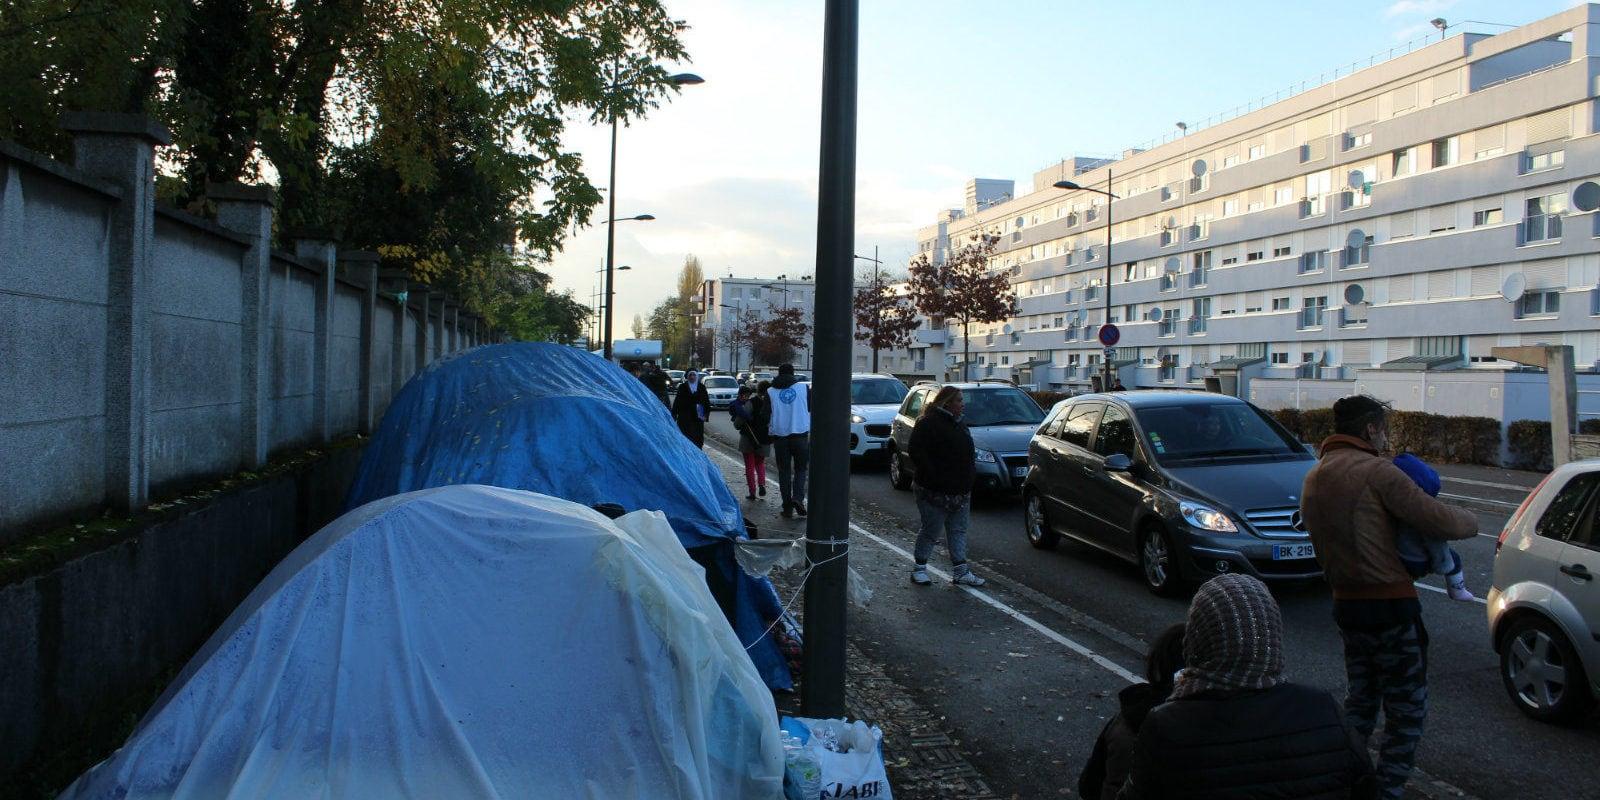 Le maire de Strasbourg interpelle l'Etat sur l'hébergement des migrants